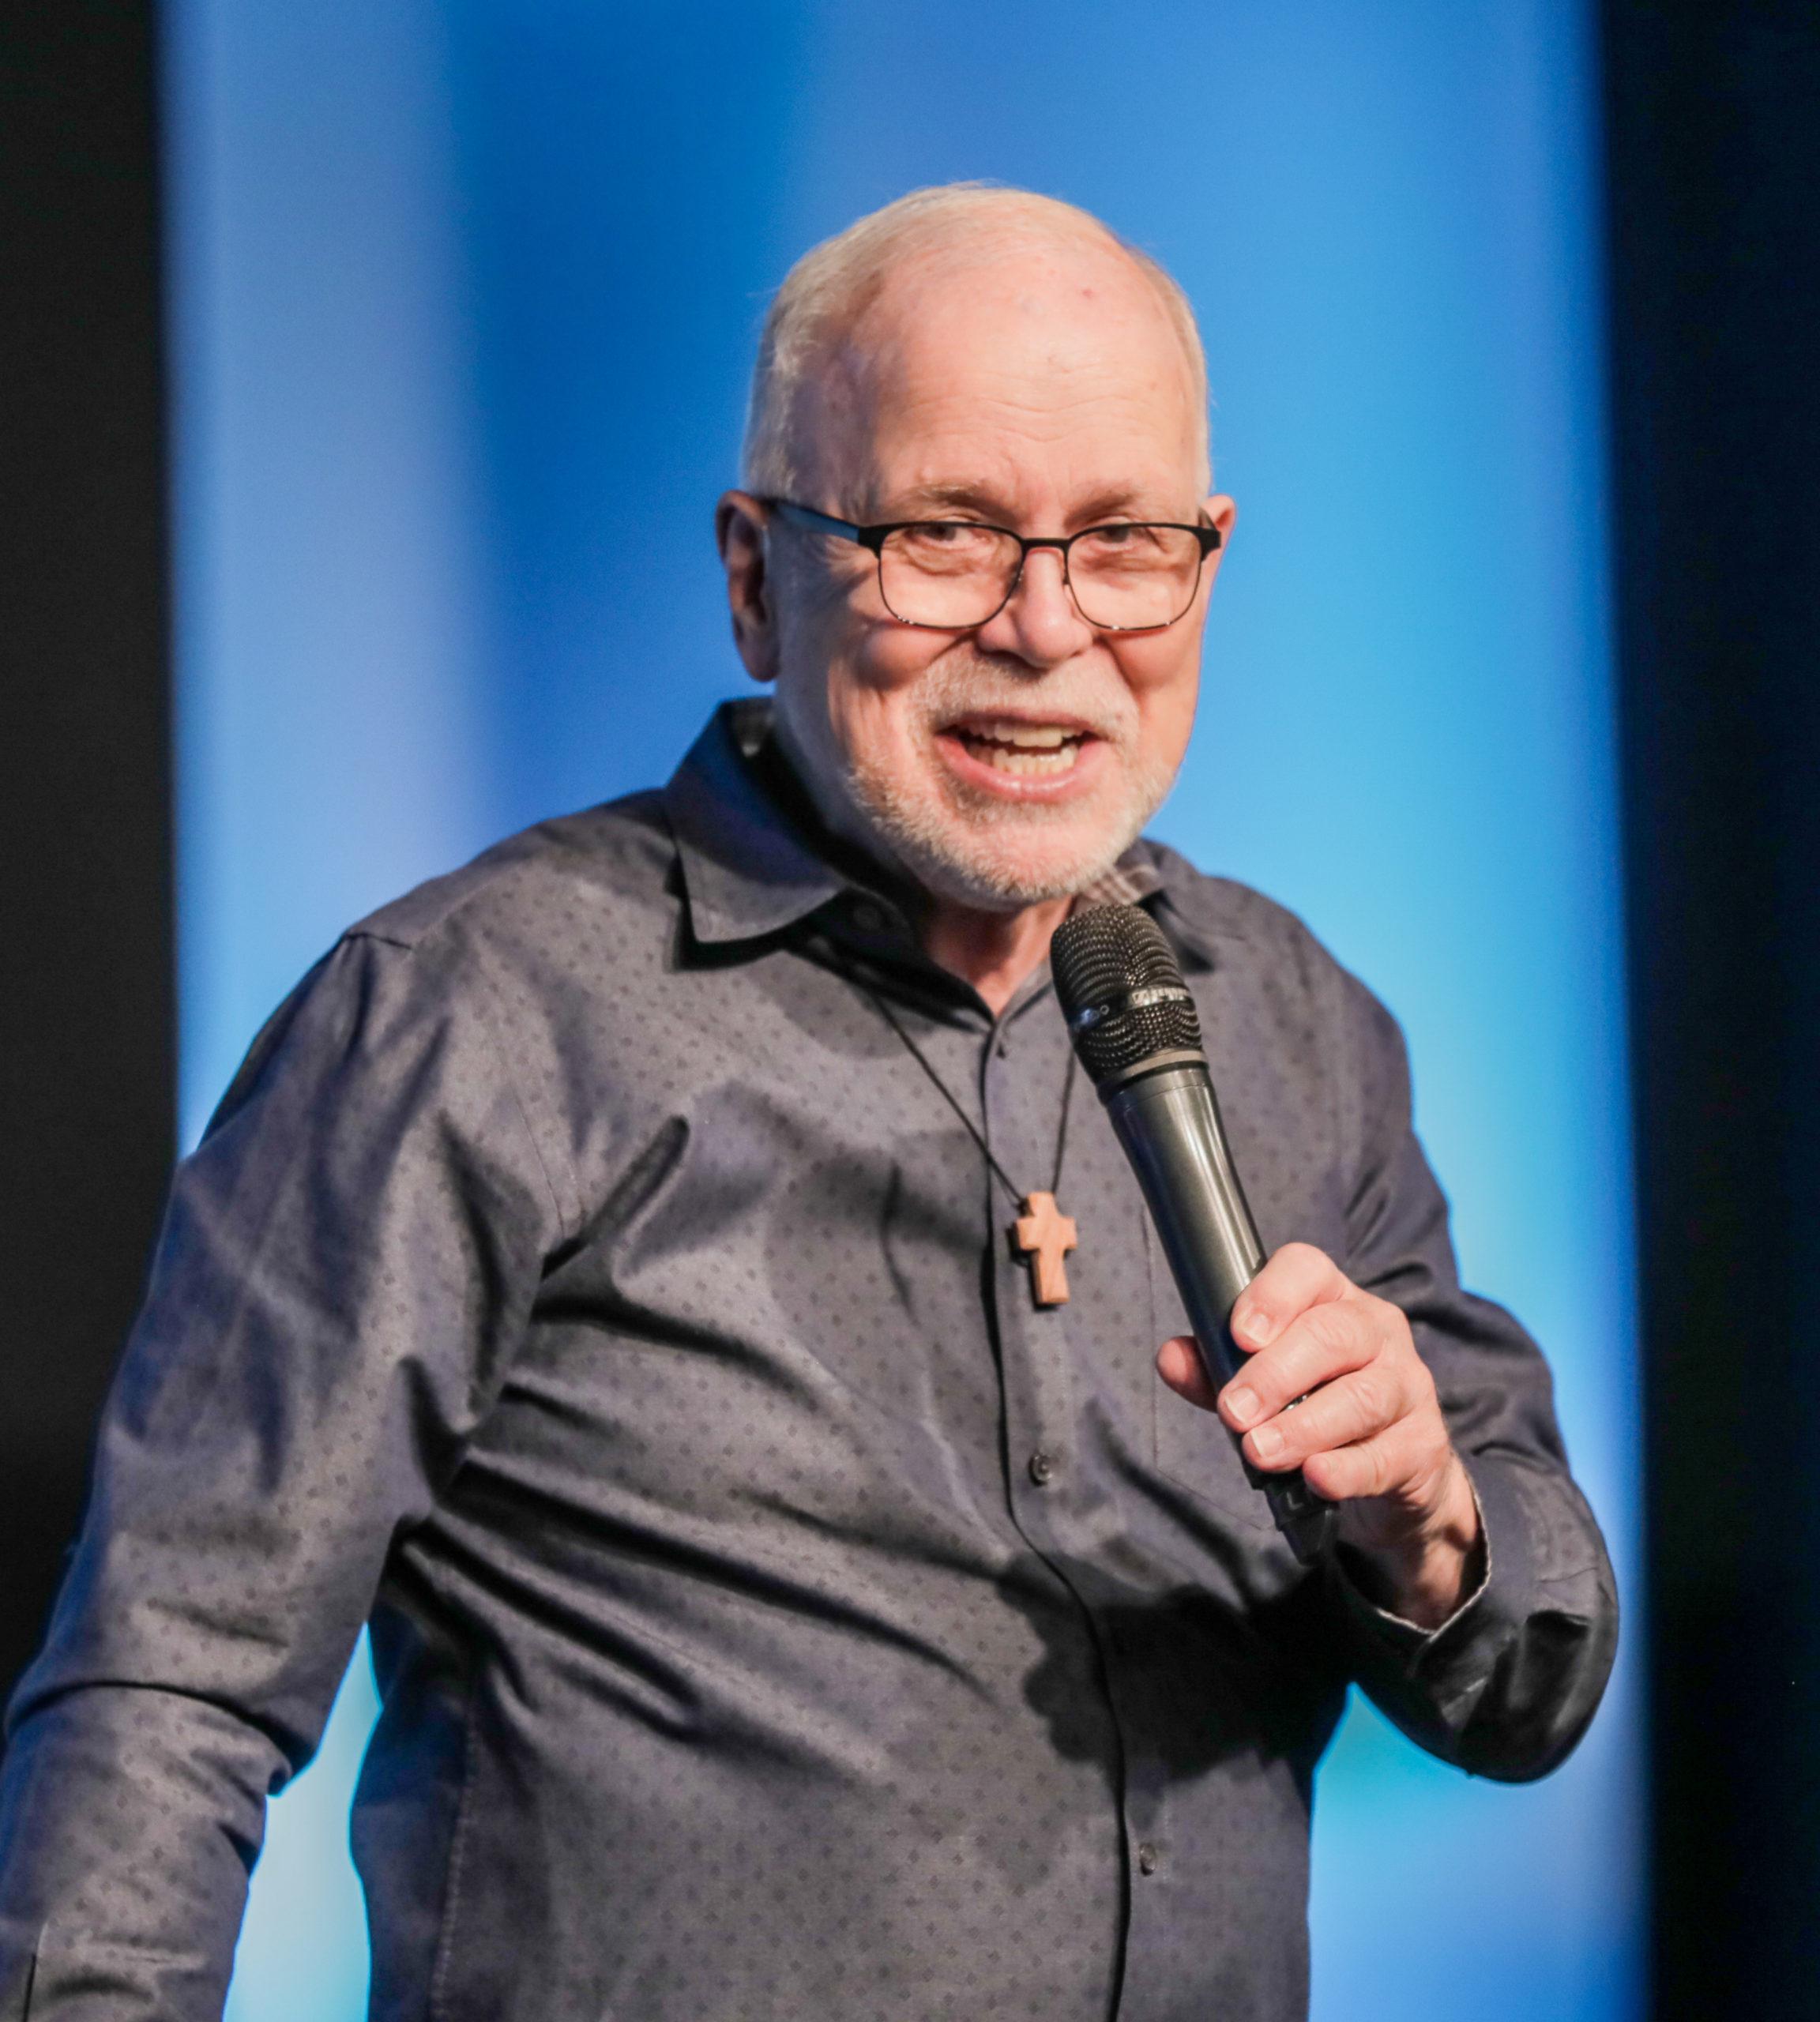 Pastor Dan Boone